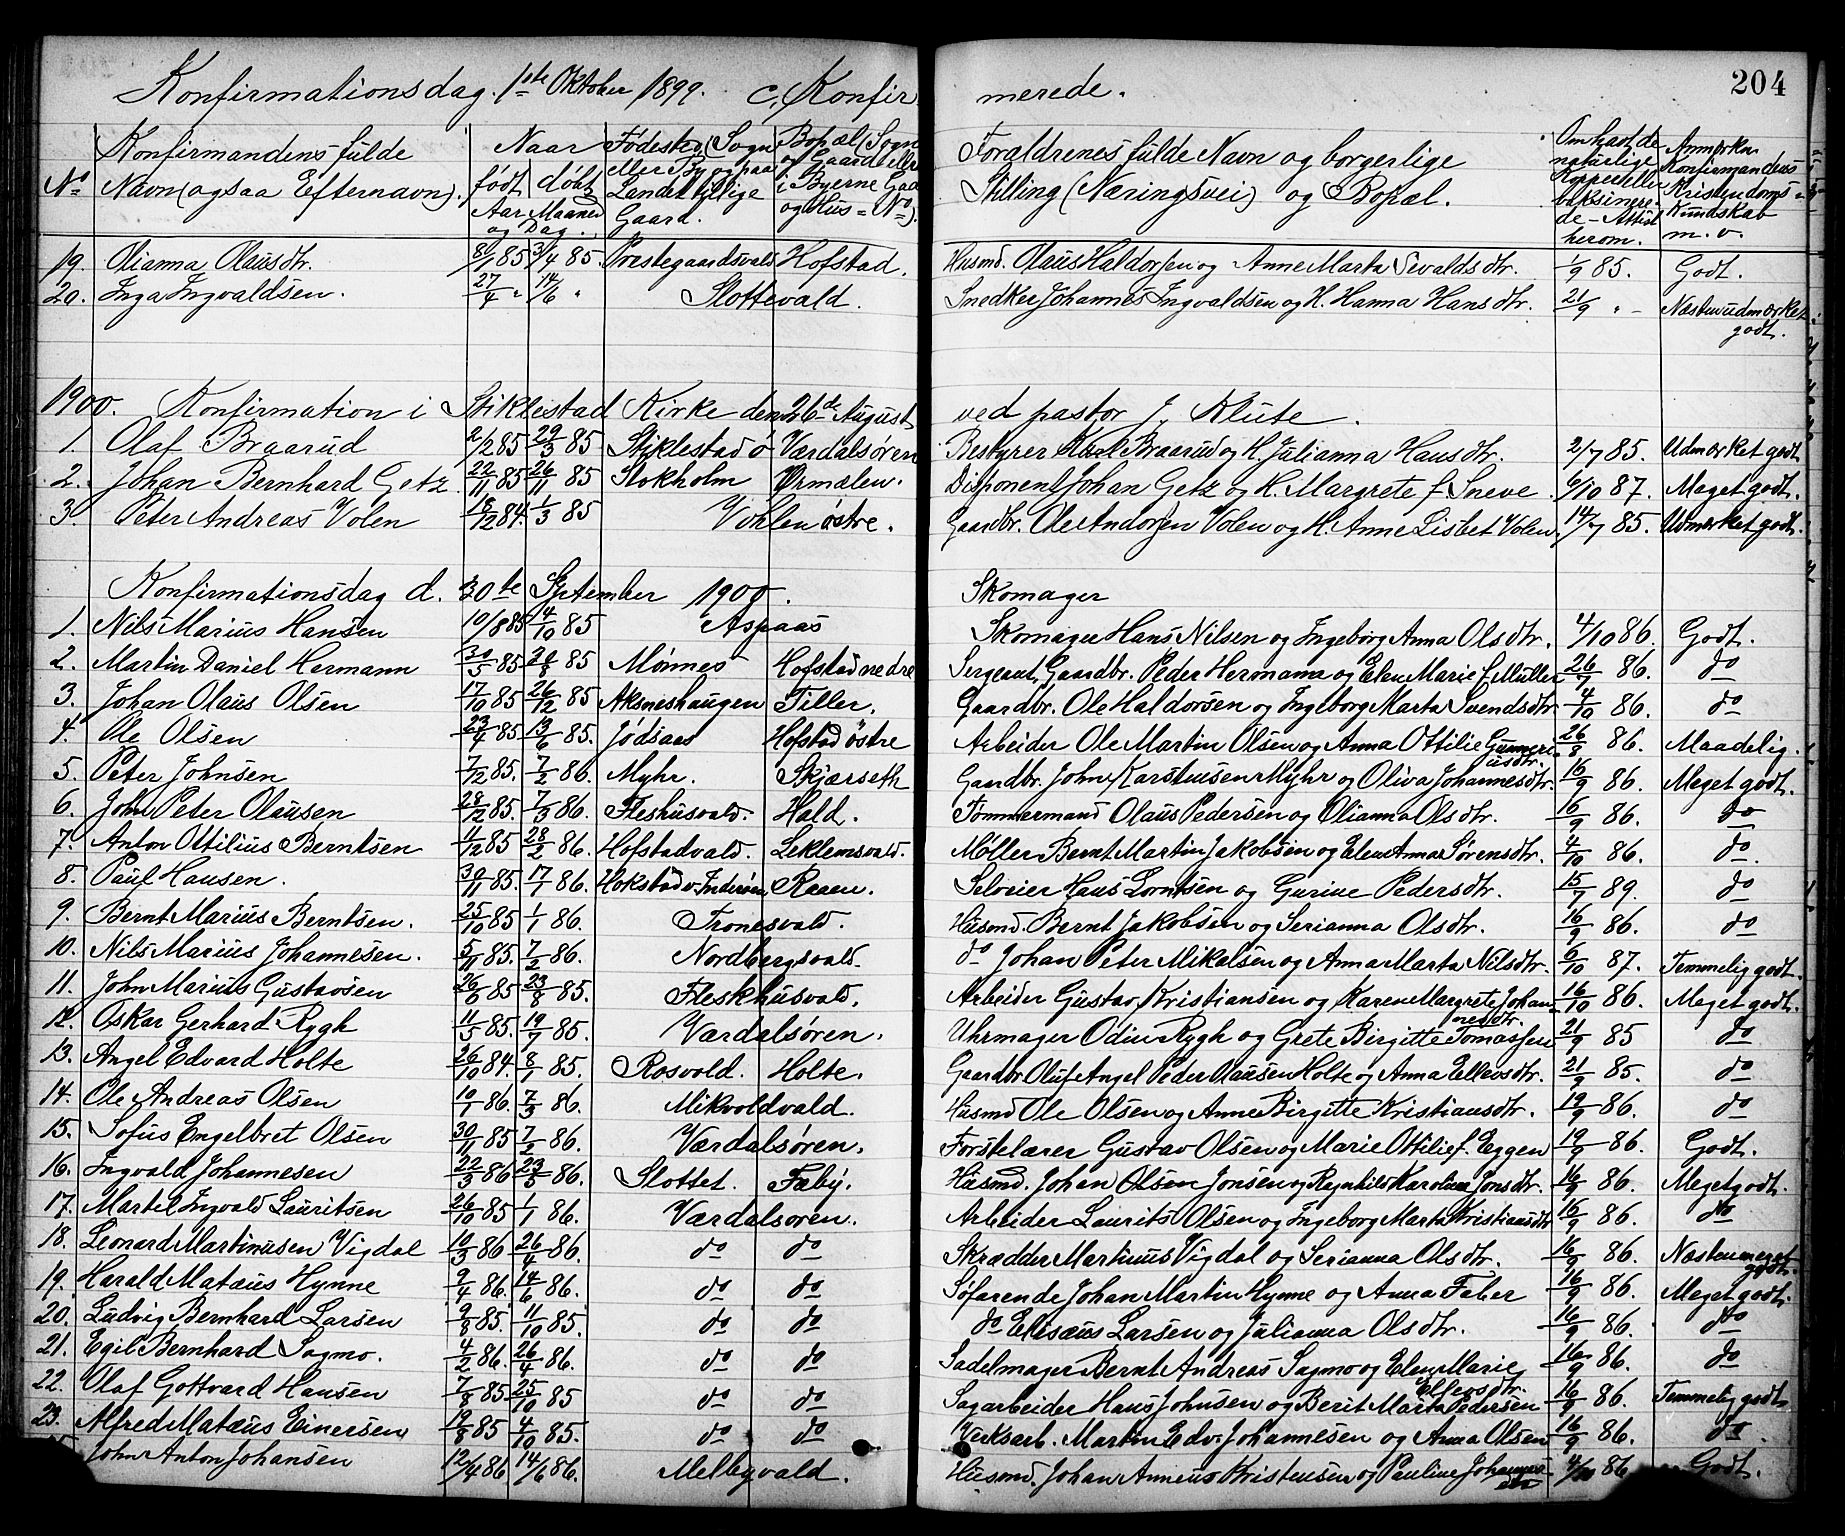 SAT, Ministerialprotokoller, klokkerbøker og fødselsregistre - Nord-Trøndelag, 723/L0257: Klokkerbok nr. 723C05, 1890-1907, s. 204